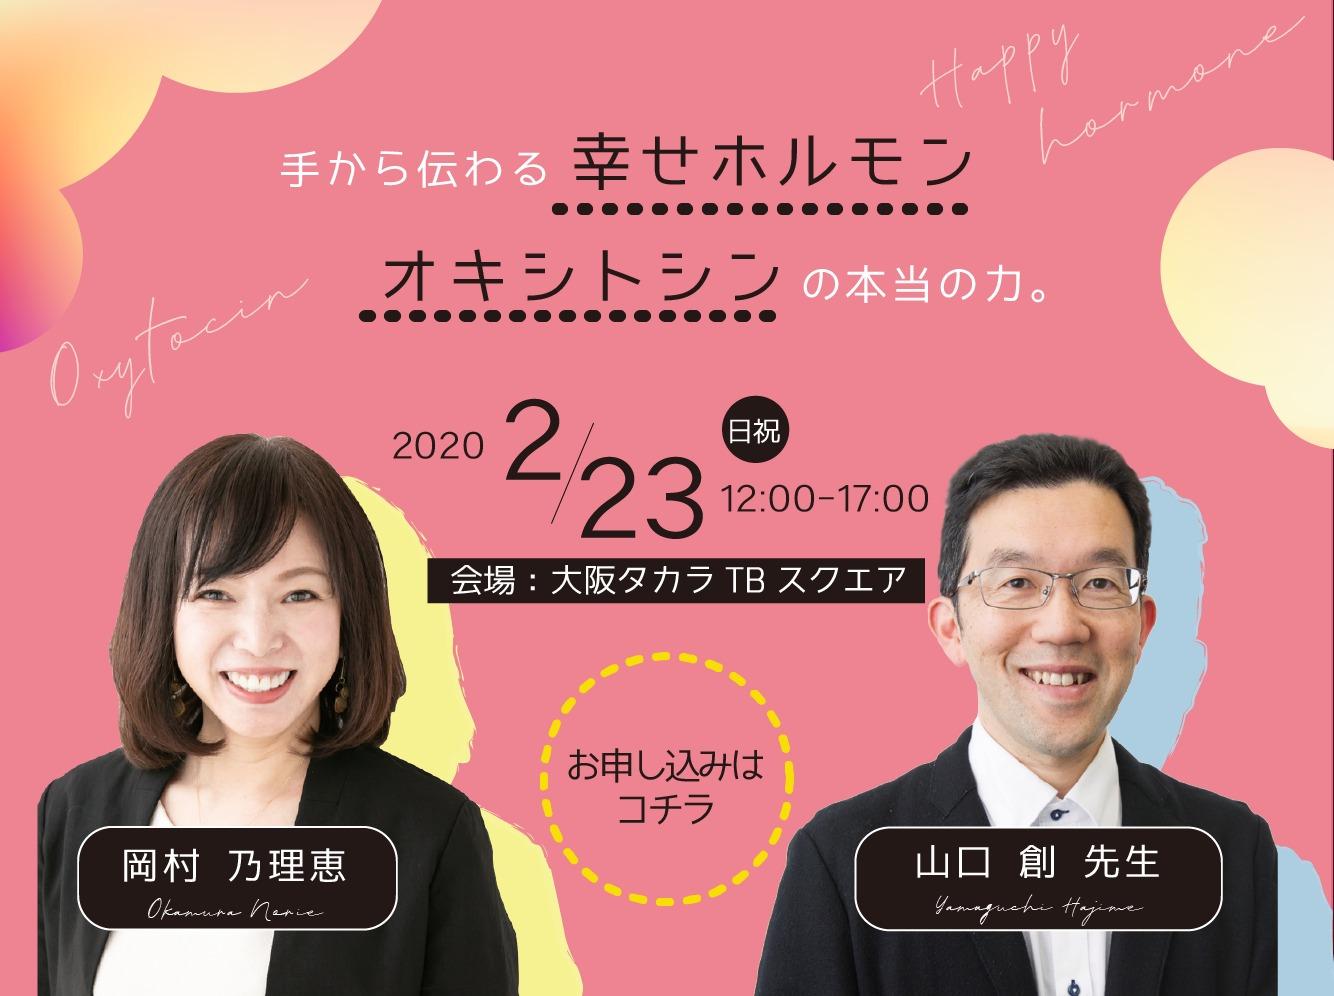 2/23「手から伝わる幸せホルモン〜オキシトシンの本当の力〜」岡村が登壇します!